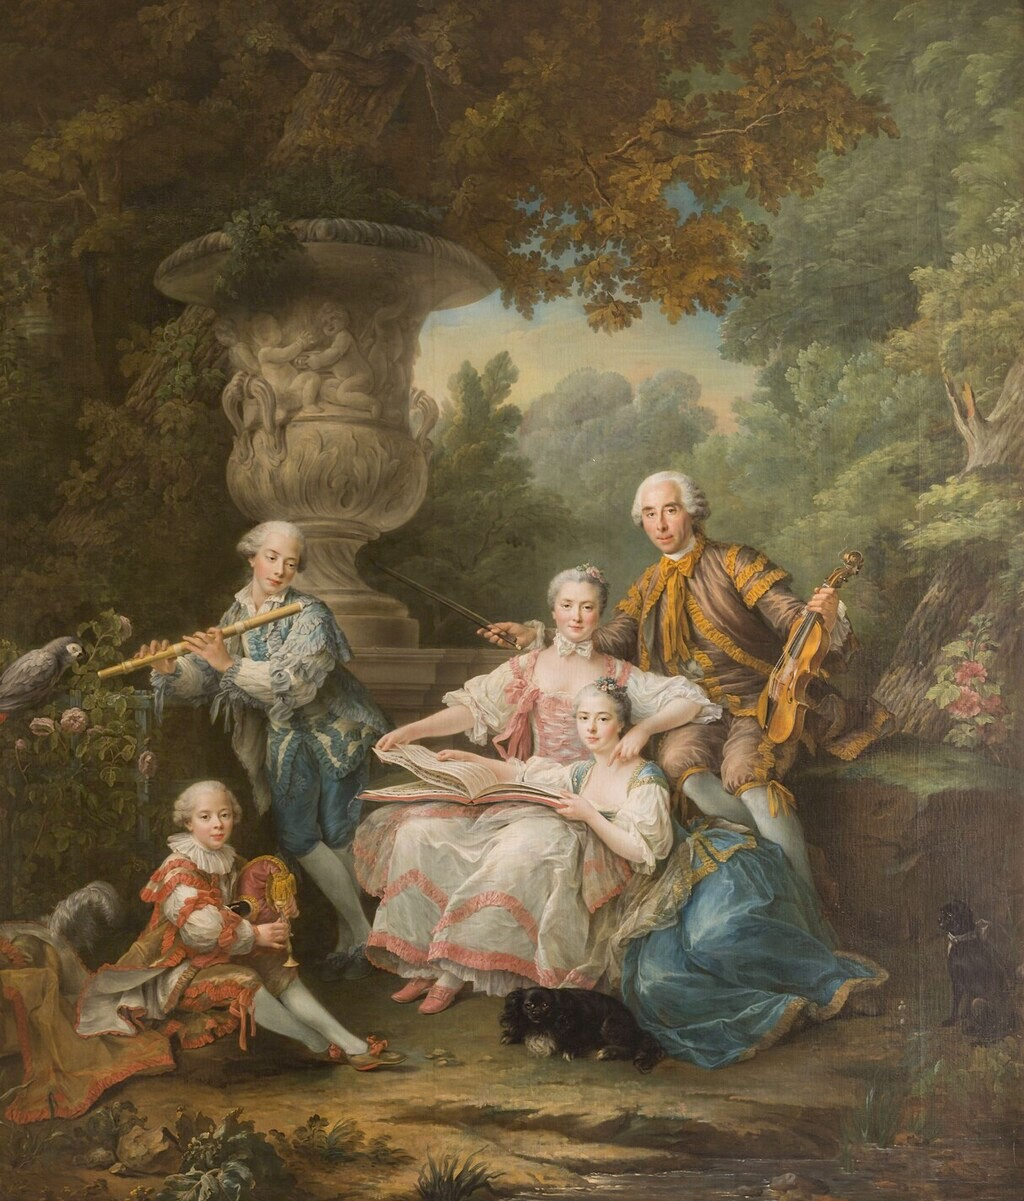 Les Drouais, artistes peintres de père en fils : Jean, Hubert, François-Hubert et Jean-Germain Drouais Drouai25